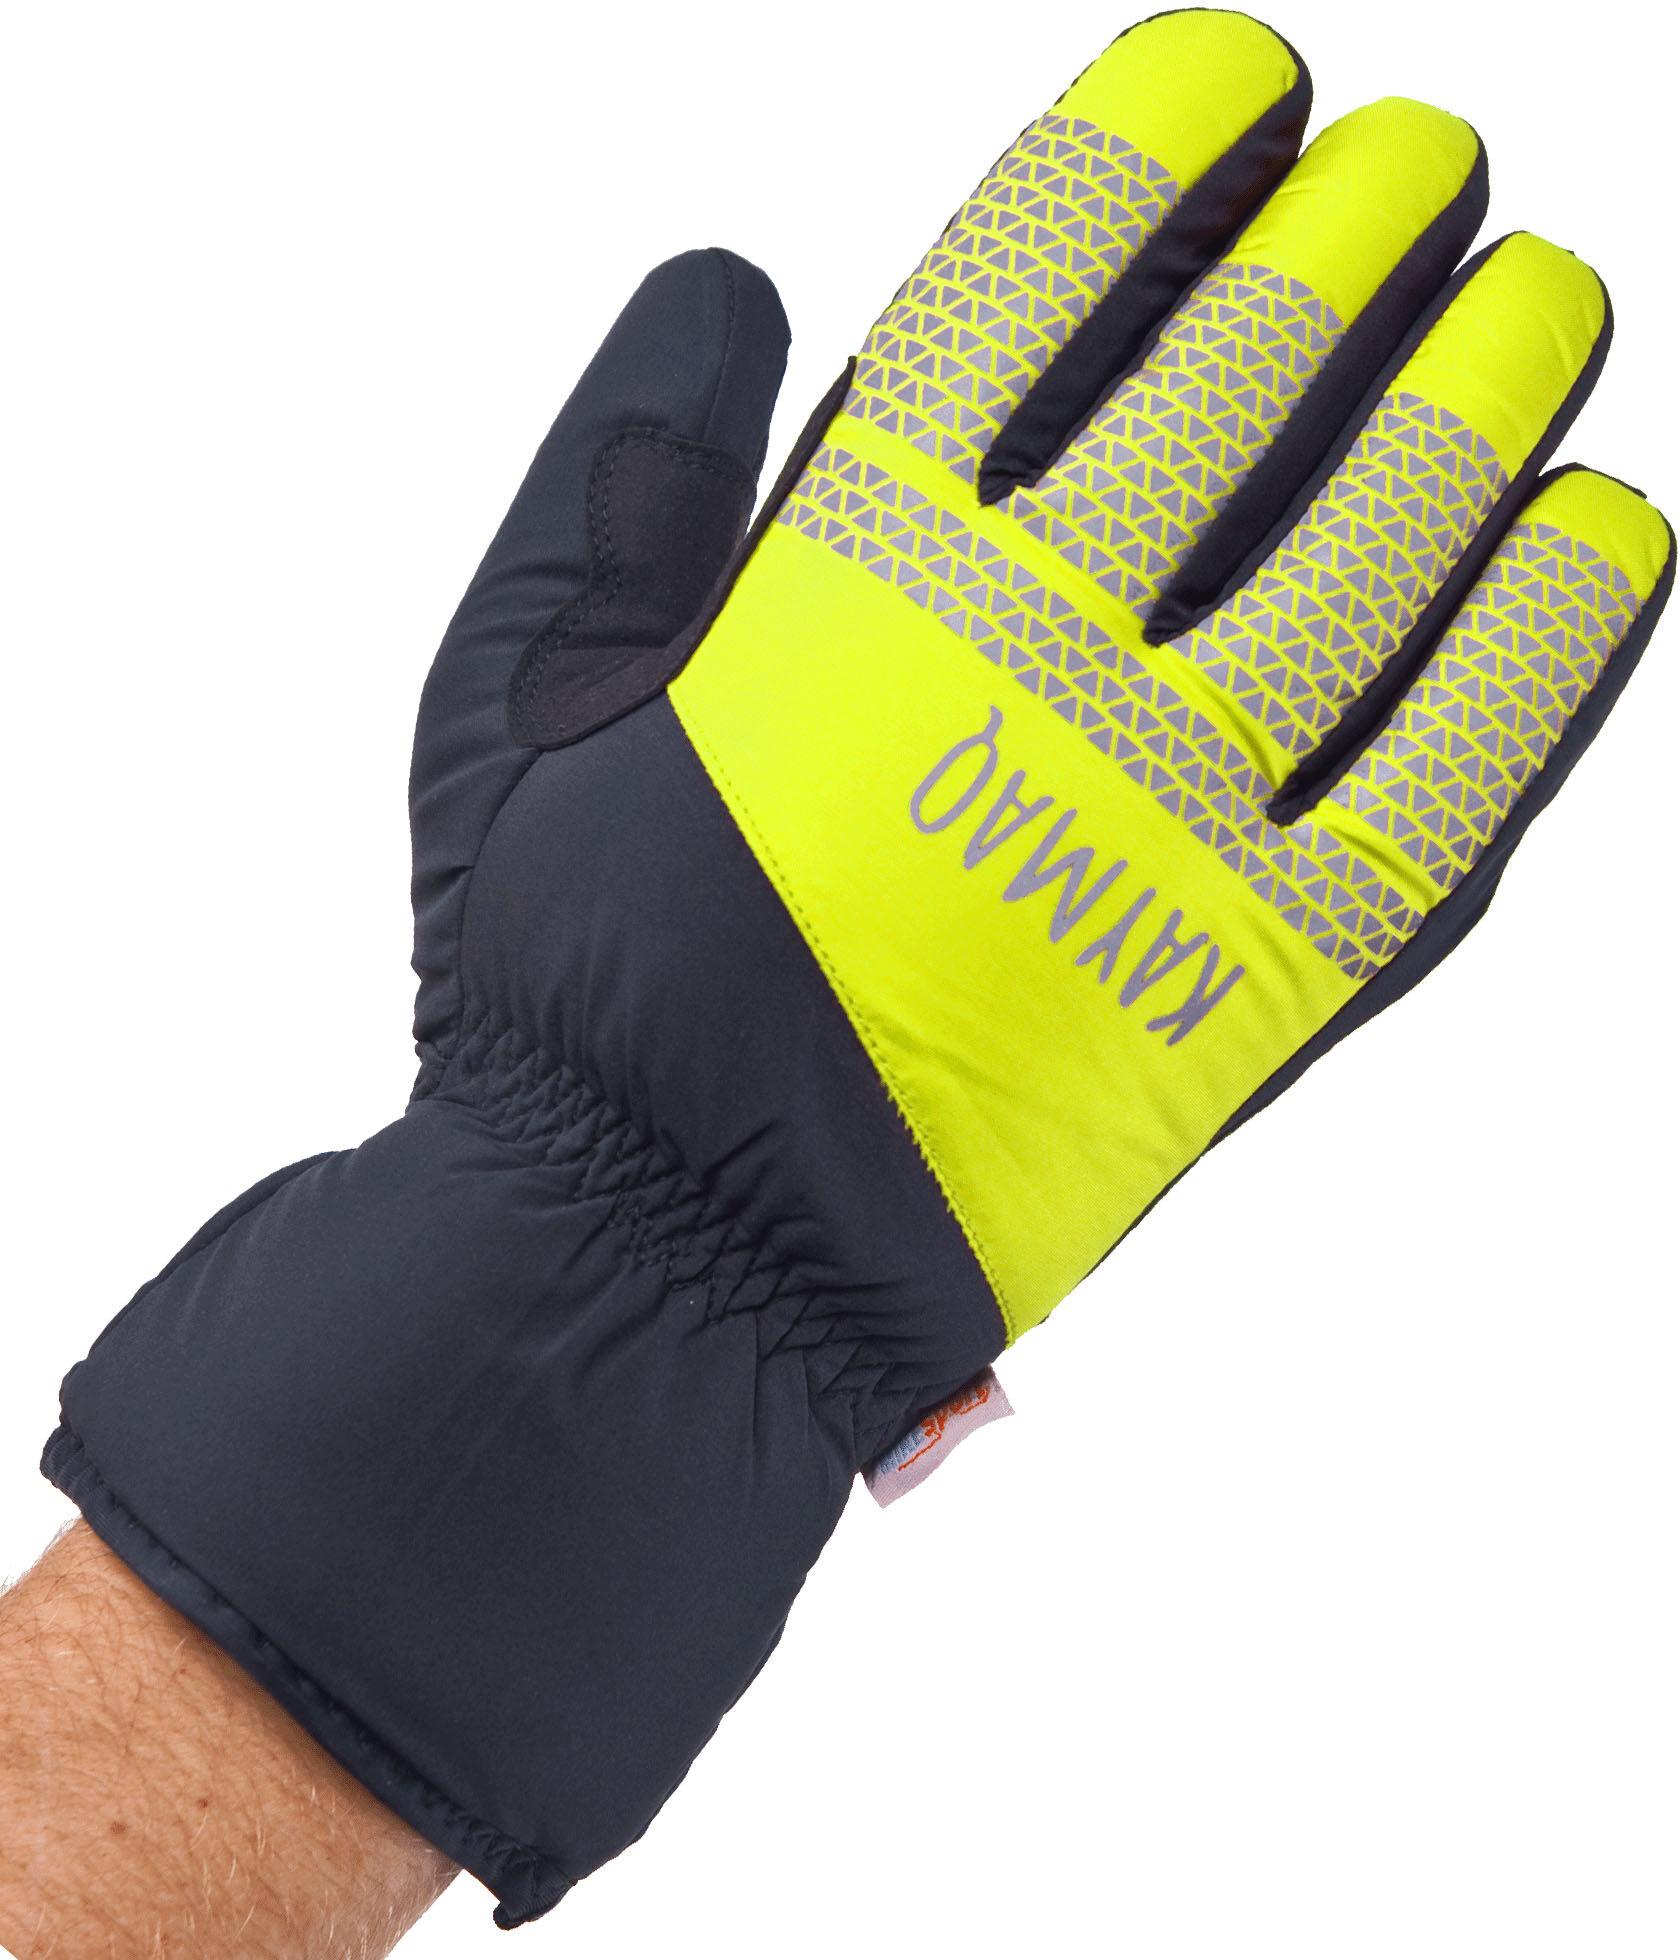 KAYMAQ GLW-002 zimowe rękawiczki rowerowe, czarny-fluor Rozmiar: 2XL,KaymaqGLW-002blkfluye